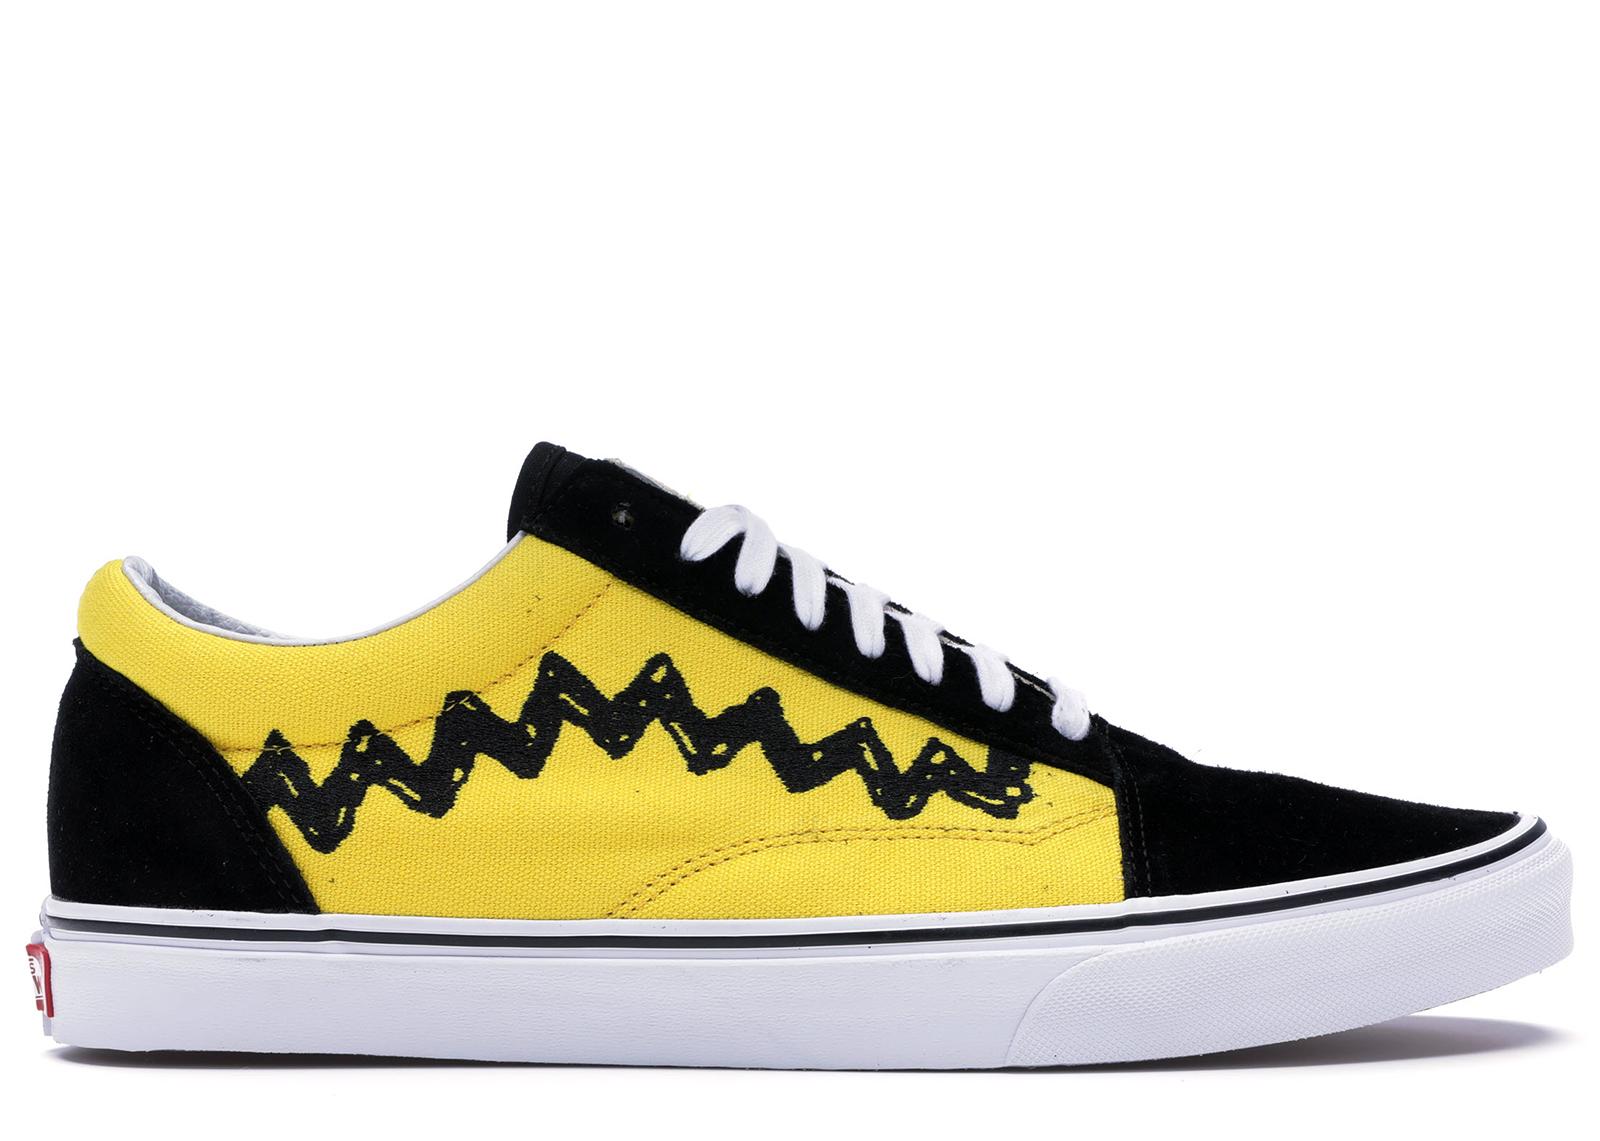 Vans Old Skool Peanuts Charlie Brown - VN0A38G1OHJ